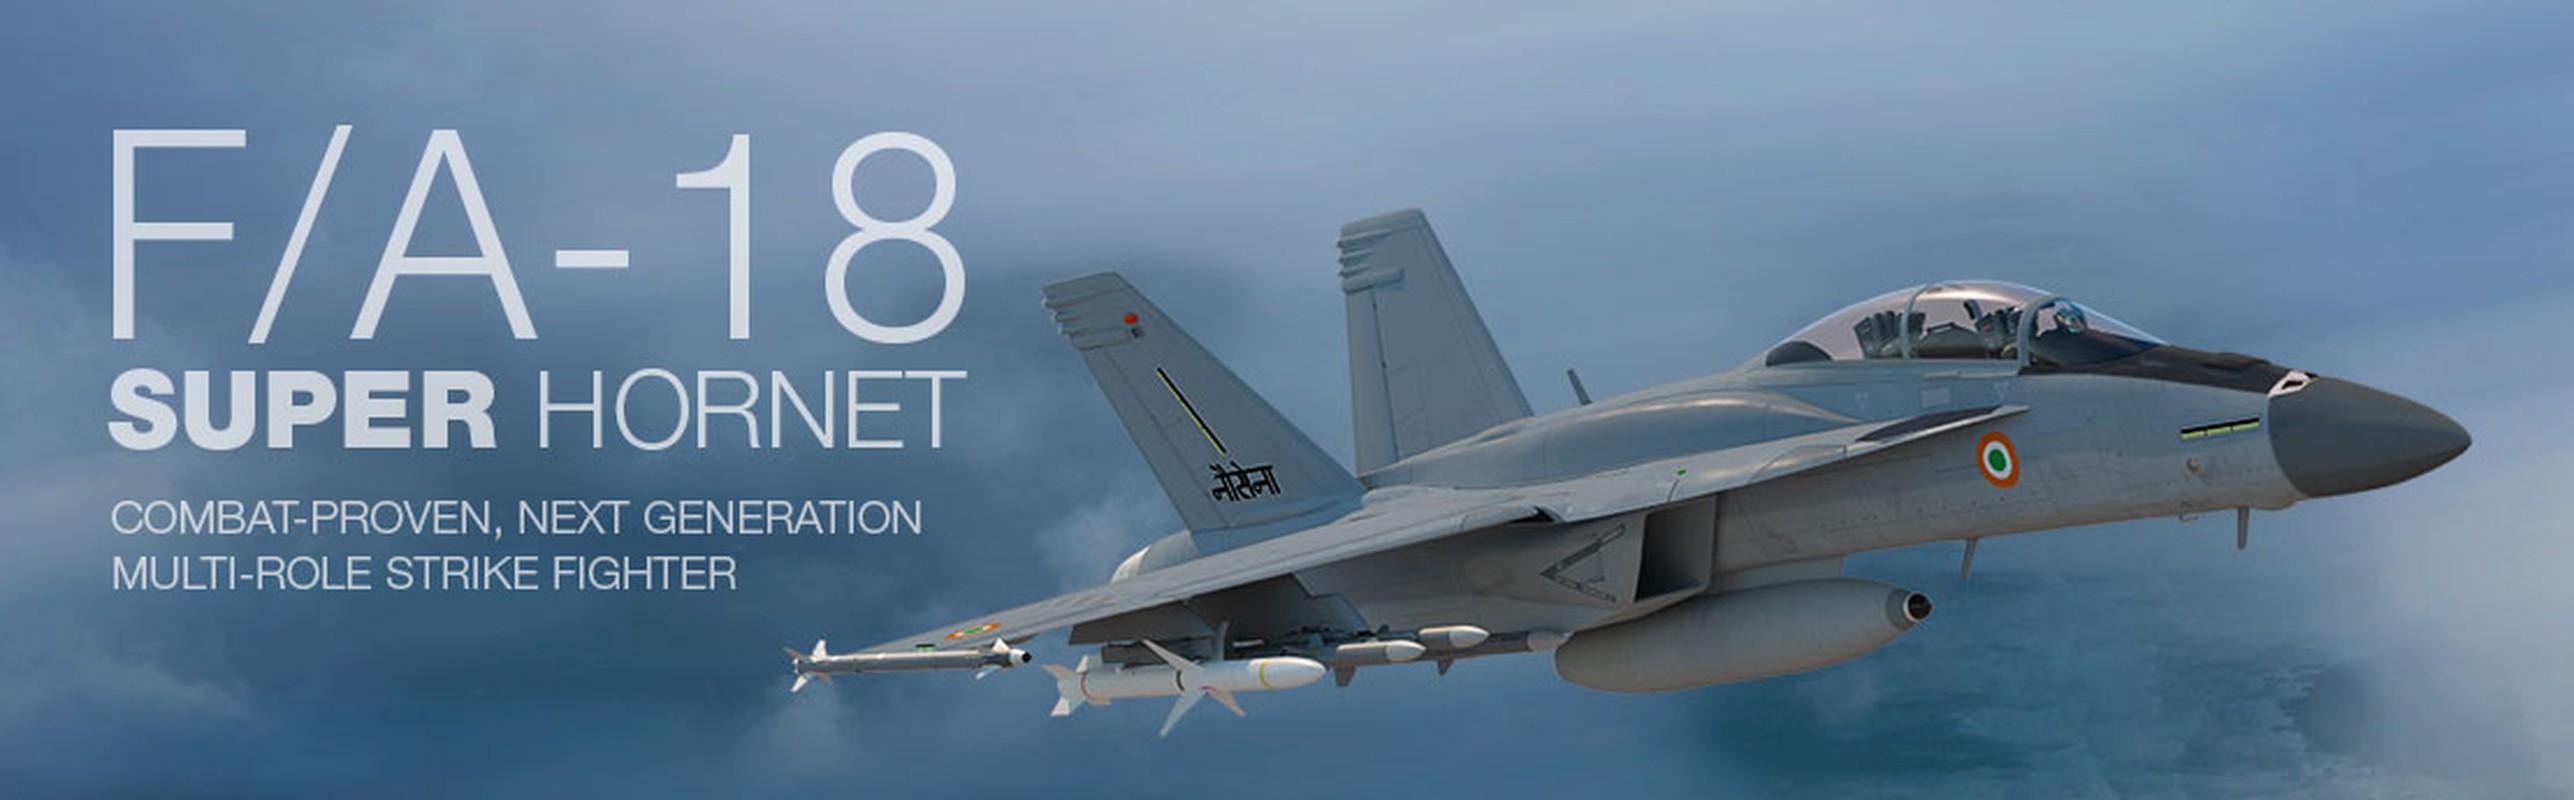 F-18E/F van la tiem kich ham chu luc cua My den 20 nam nua-Hinh-10